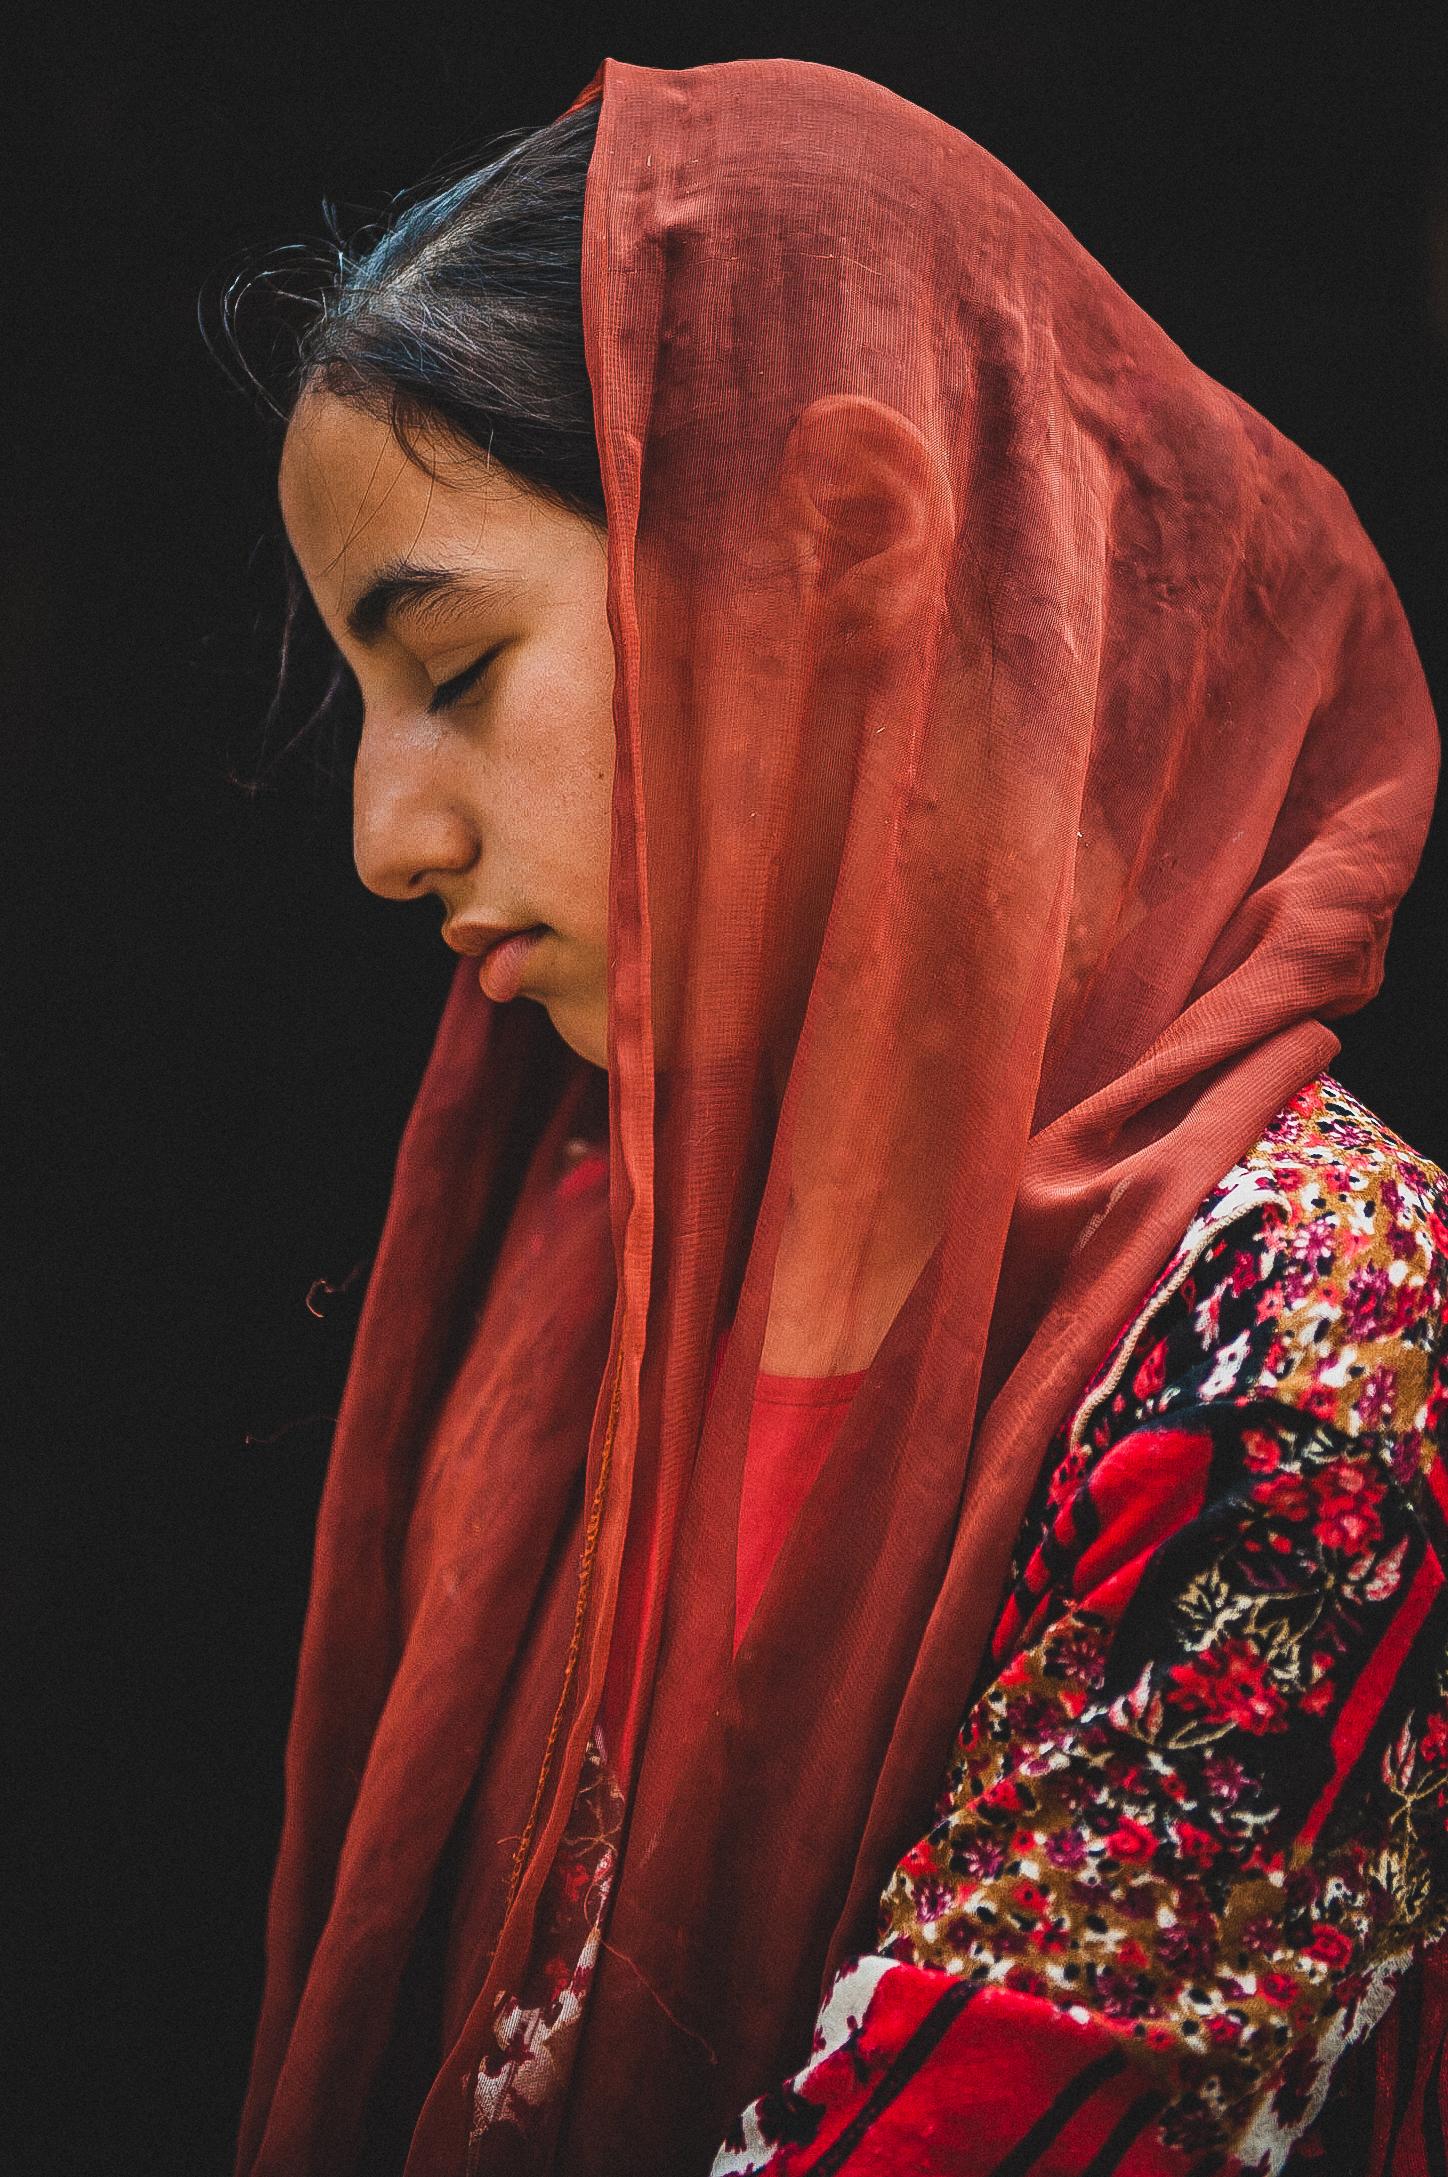 dziewczyna w czerwonej chuscie_1500 krotsz strona (1 of 1).jpg